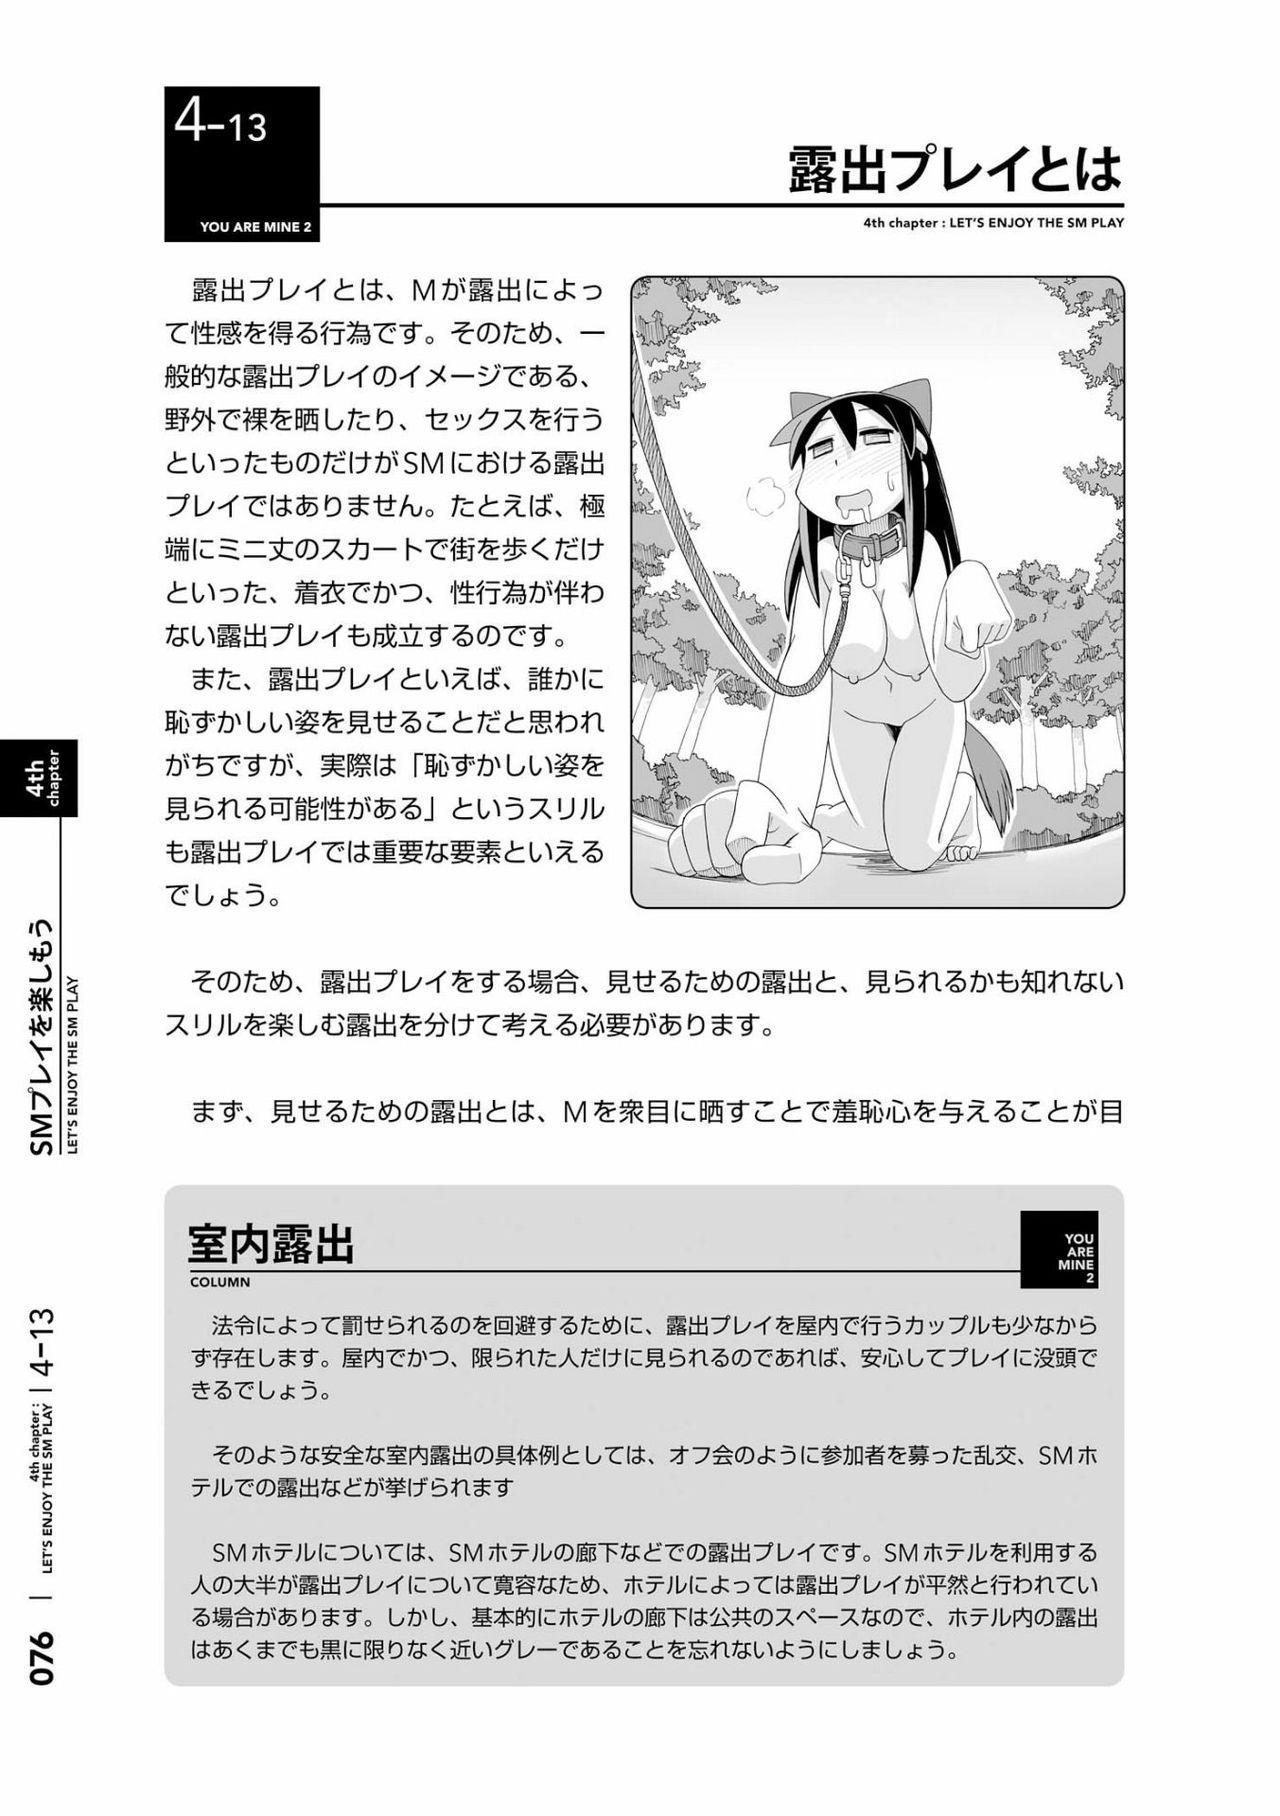 [Mitsuba] Karada mo Kokoro mo Boku no Mono ~Hajimete no SM Guide~ 2 [Digital] 78